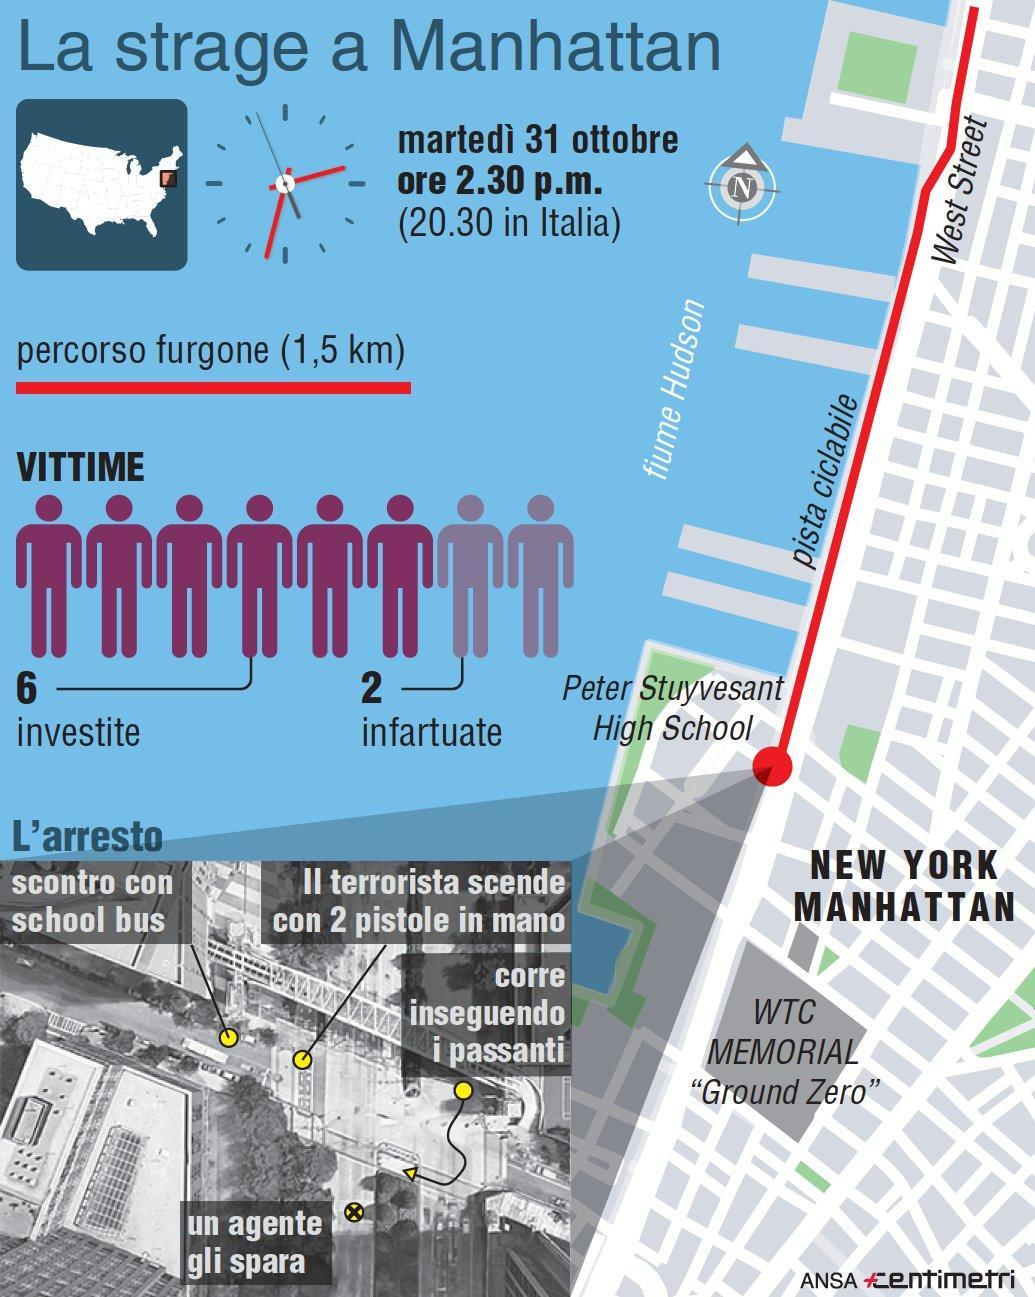 ATTENTATO A NEW YORK: L'IRA DI TRUMP, STRETTA SUGLI IMMIGRATI. SCOPPIA LA POLEMICA